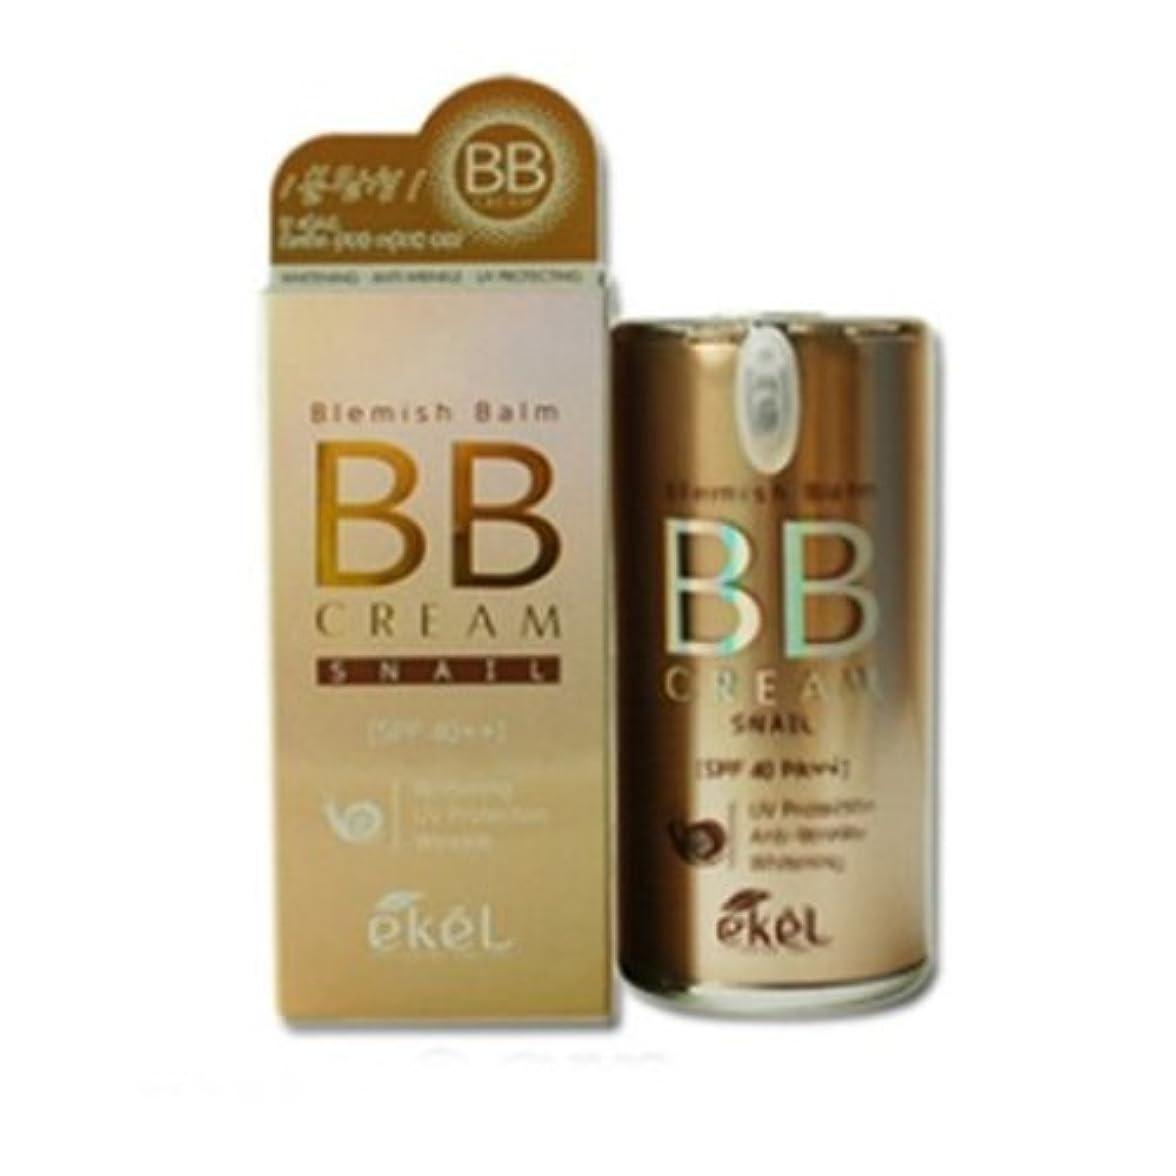 リビングルーム感嘆汚物イケル[韓国コスメEkel]Blemish Balm Snail BB Cream ブレムスバームカタツムリBBクリーム50g SPF40 PA++[並行輸入品]